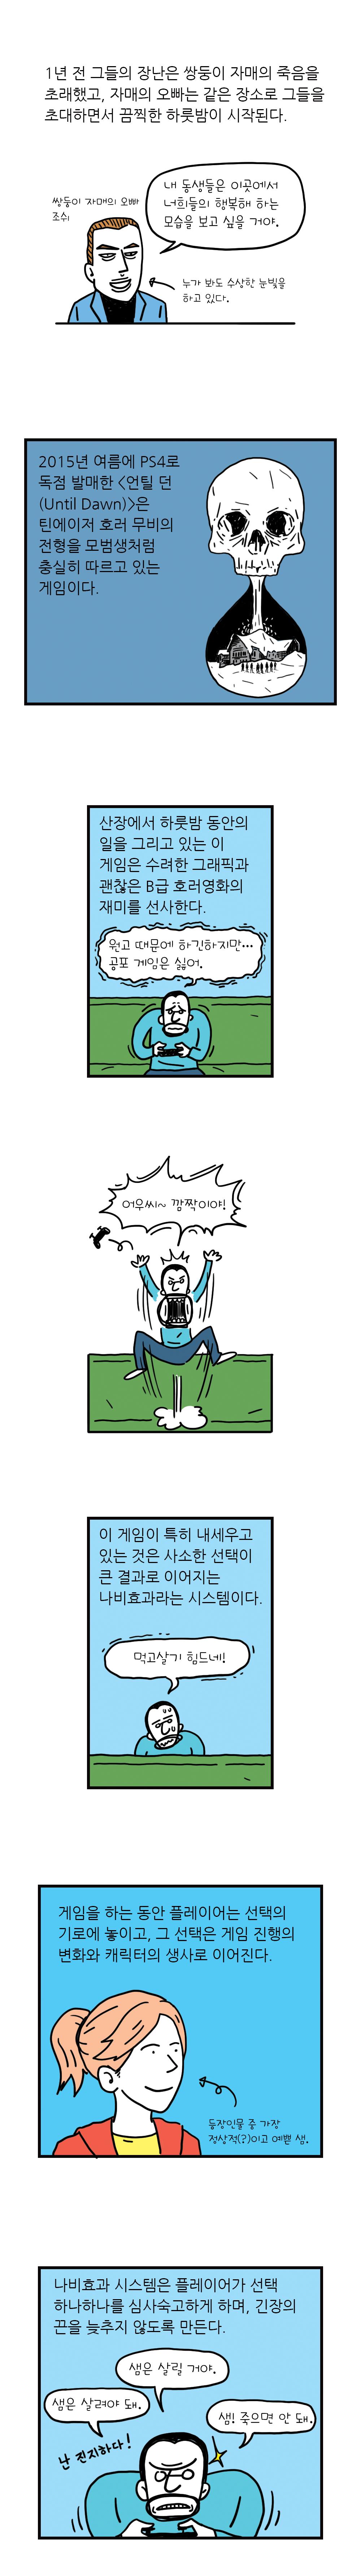 사이언티픽 게이머즈 시즌4 #10 브라질의 나비는 멕시코 토네이도의 주범인가: 언틸 던 2